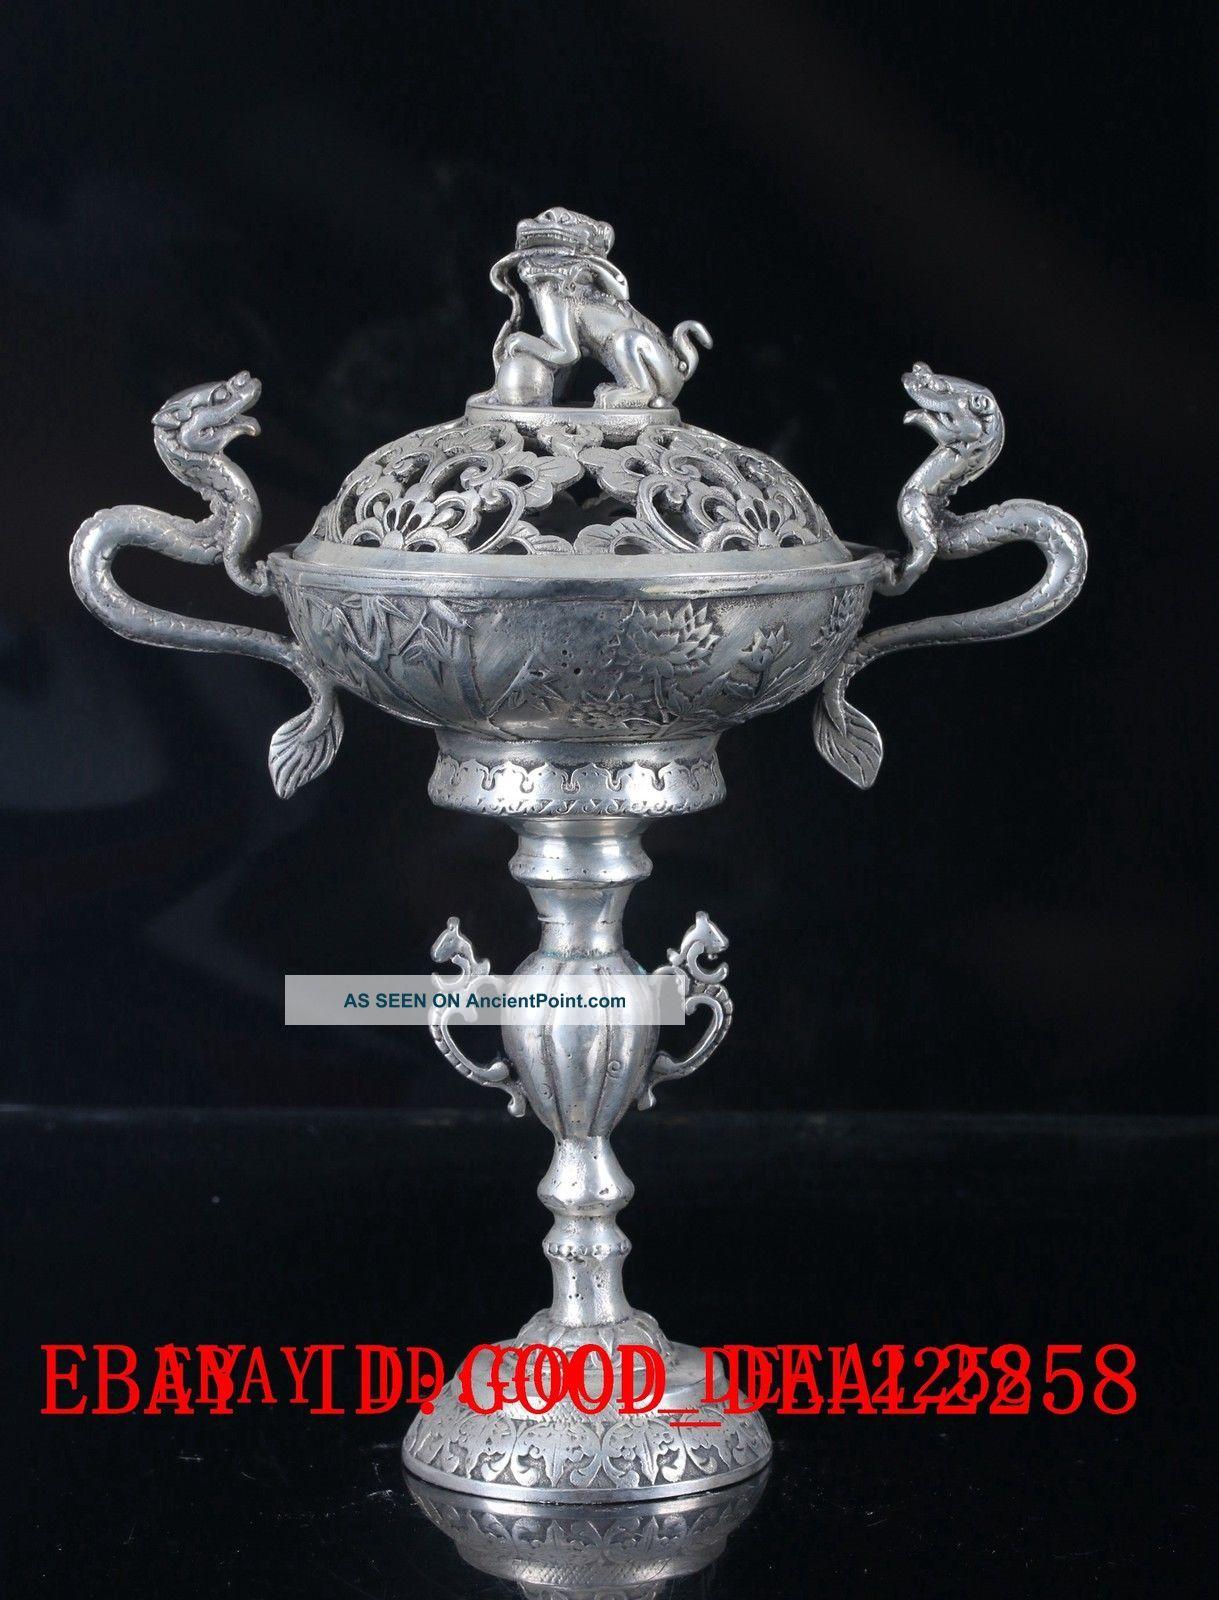 Old Tibet Gorgeous Silver Copper Handwork Carved Dragon& Lion Incense Burner Incense Burners photo